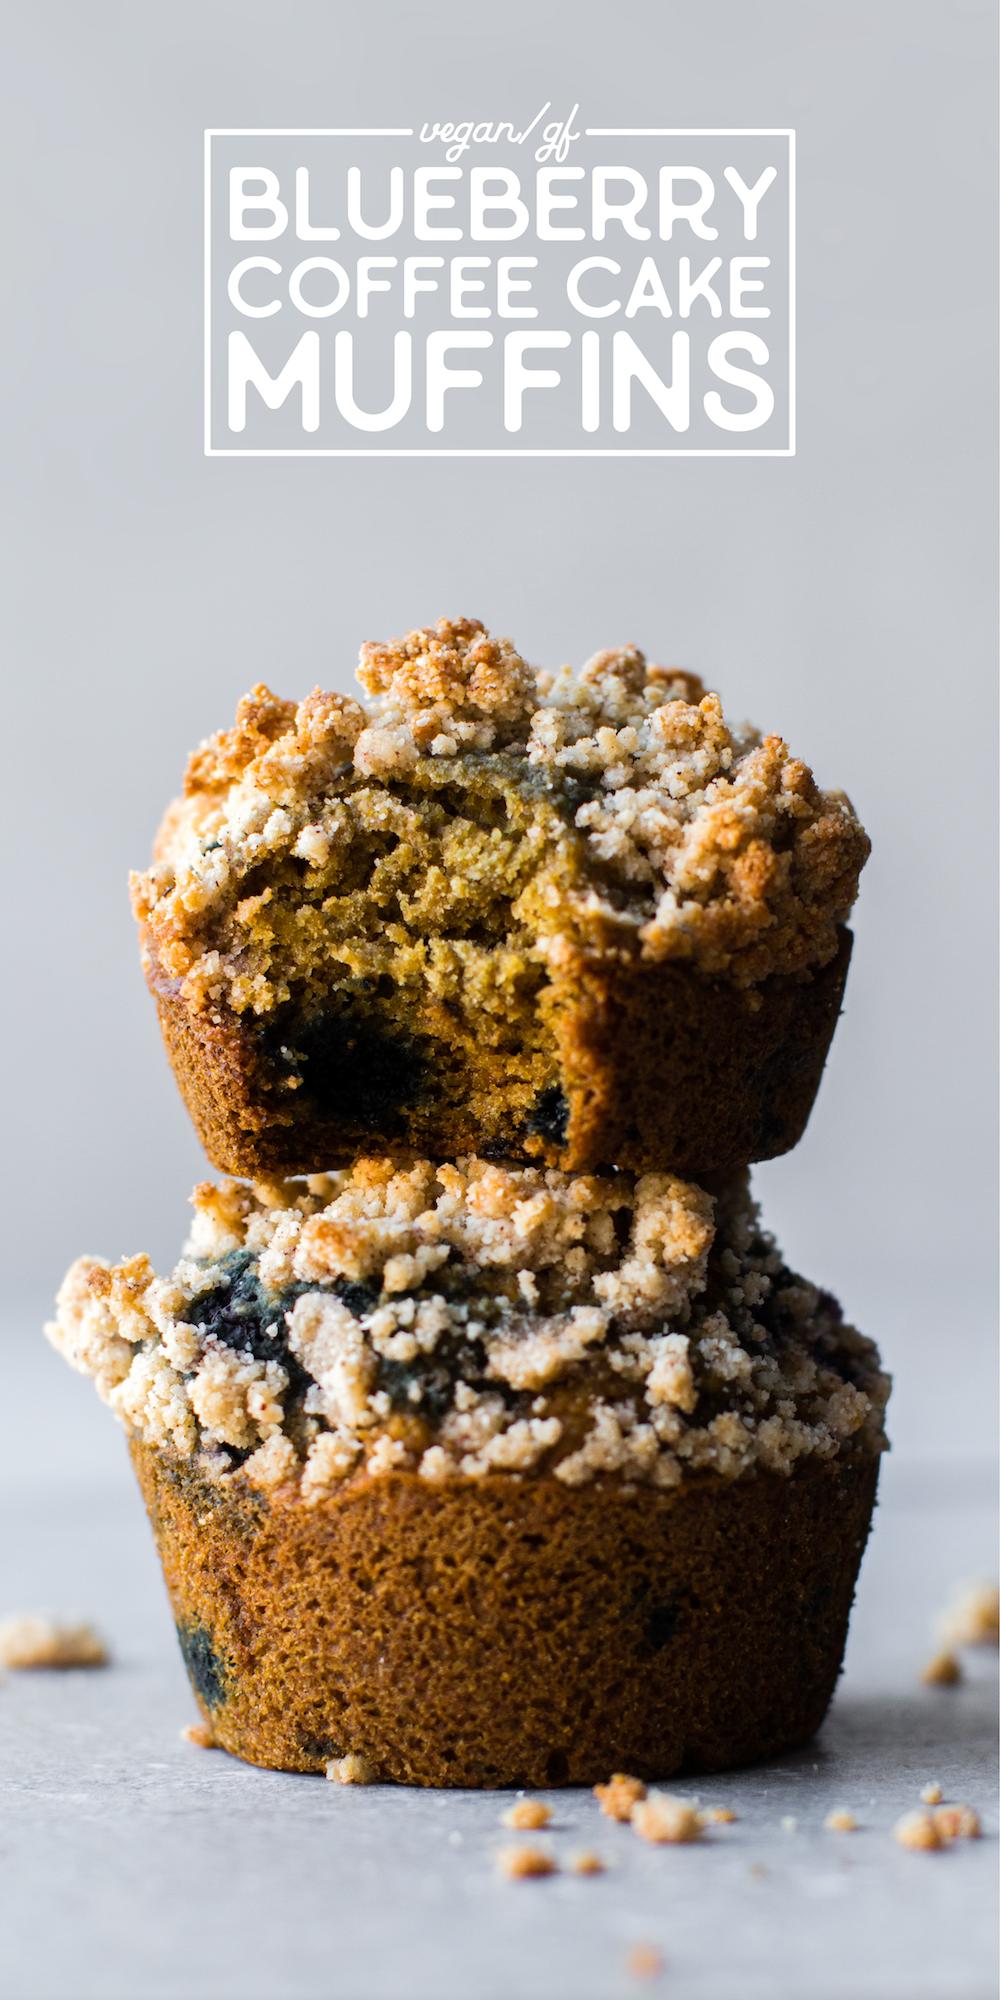 Blueberry Coffee Cake Muffins Vegan Gluten Free Oil Free Recipe Coffee Cake Blueberry Coffee Cake Muffins Vegan Coffee Cakes